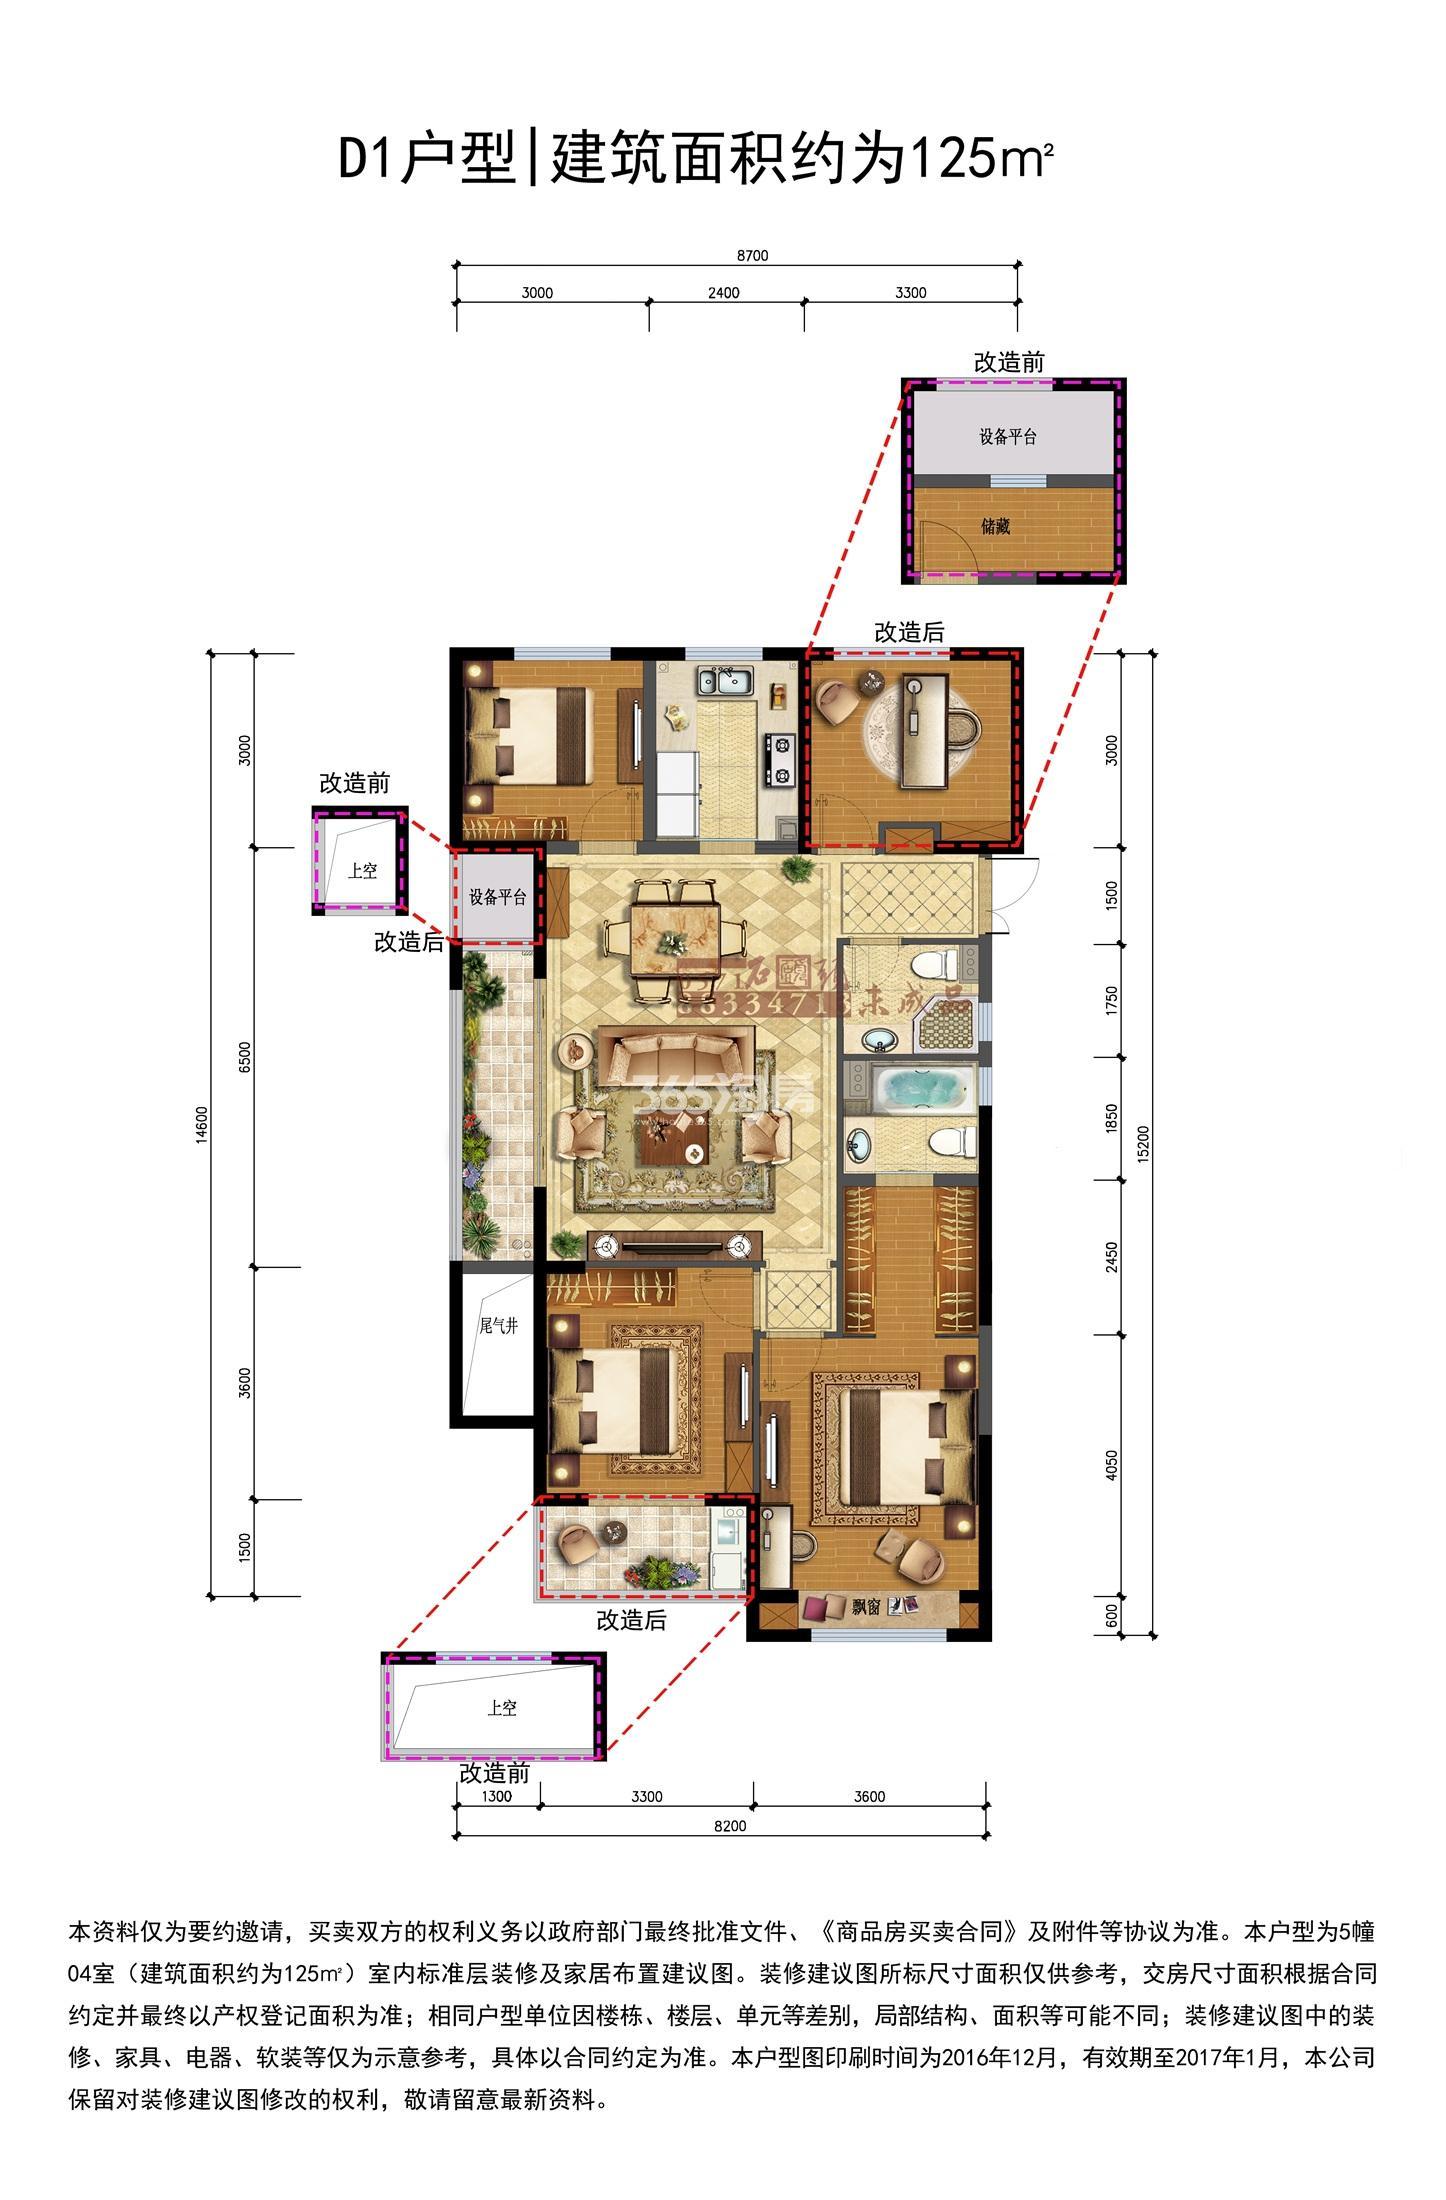 上塘宸章高层3、5号楼D1户型 约125㎡